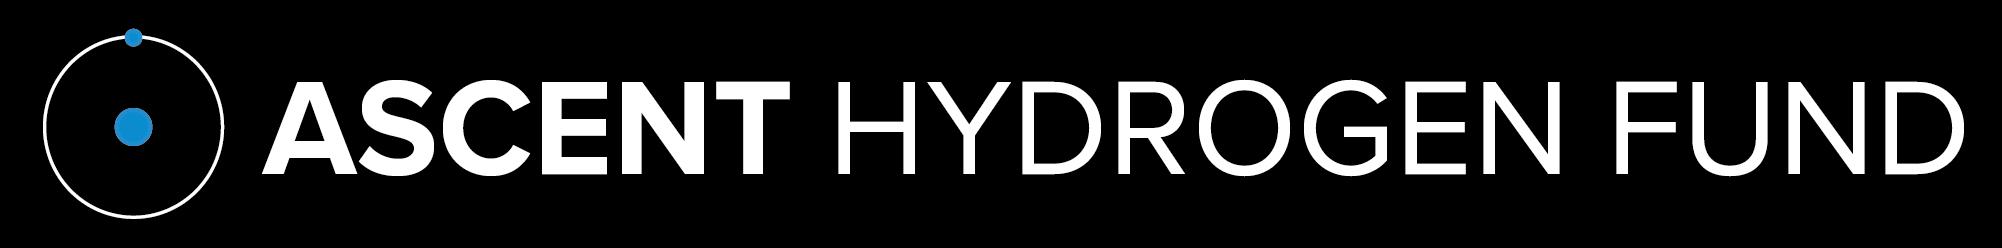 Ascent Hydrogen Fund